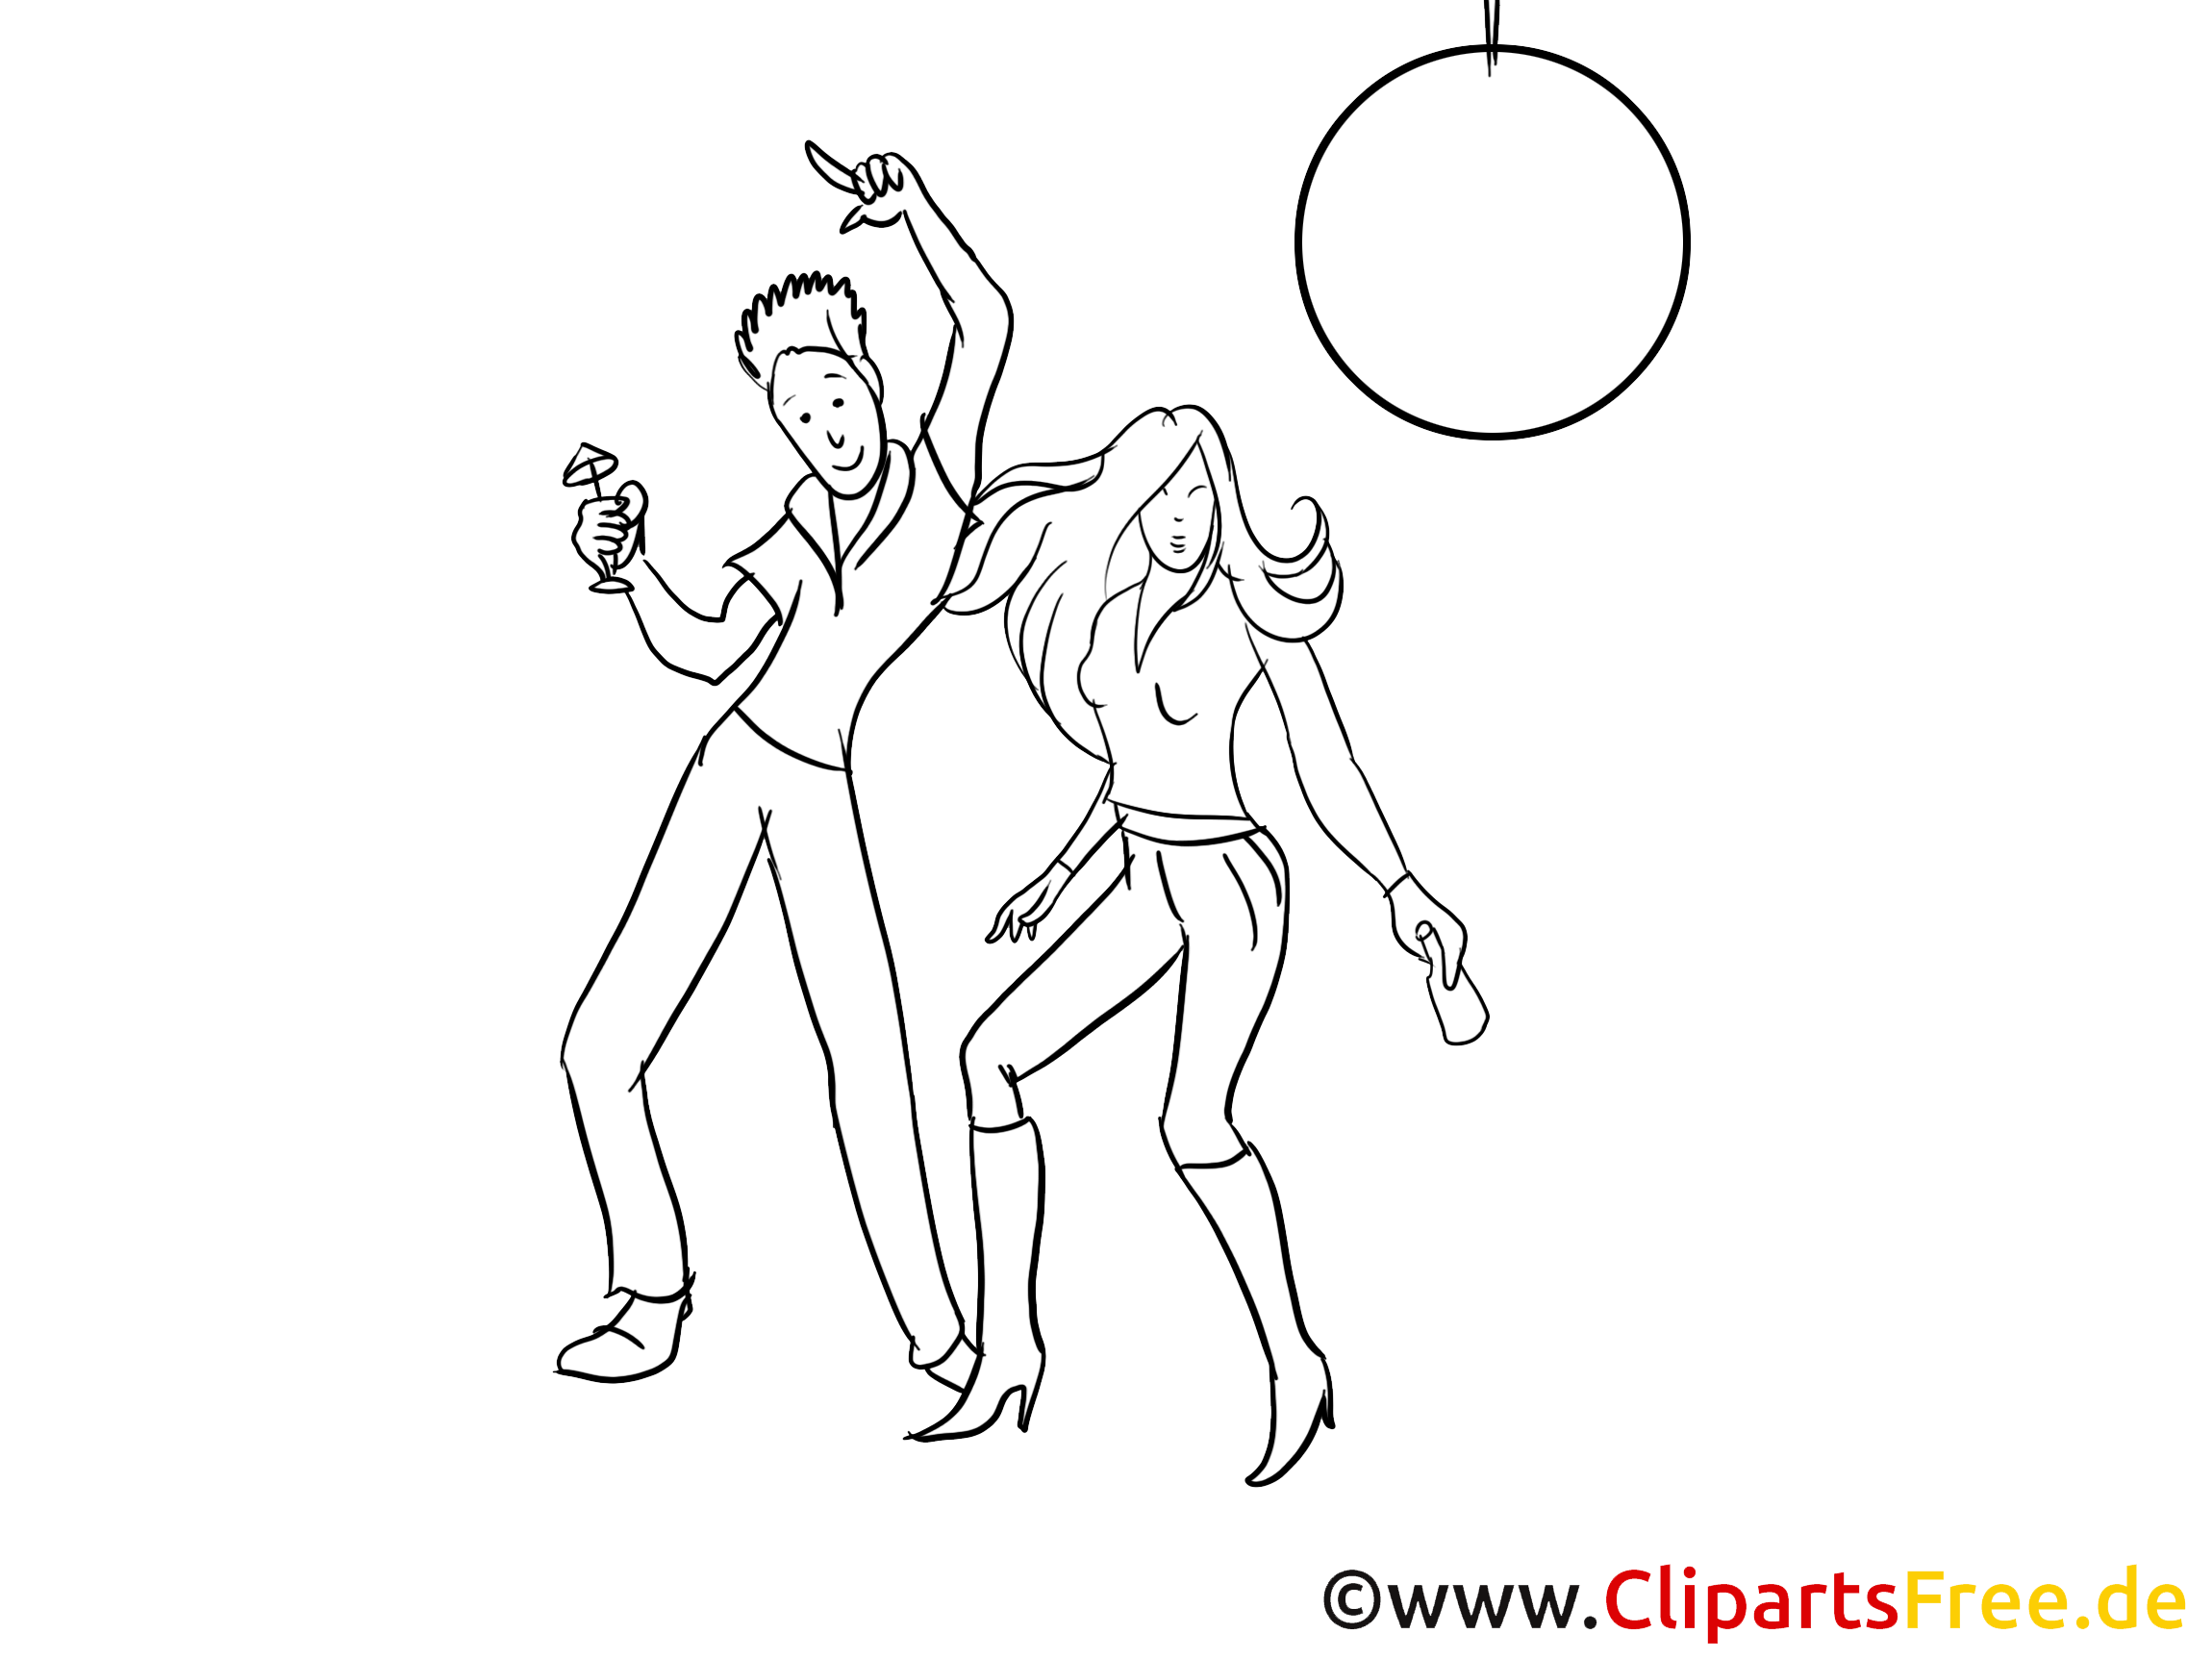 Disko Clipart, Bild. Zeichnung, Grafik